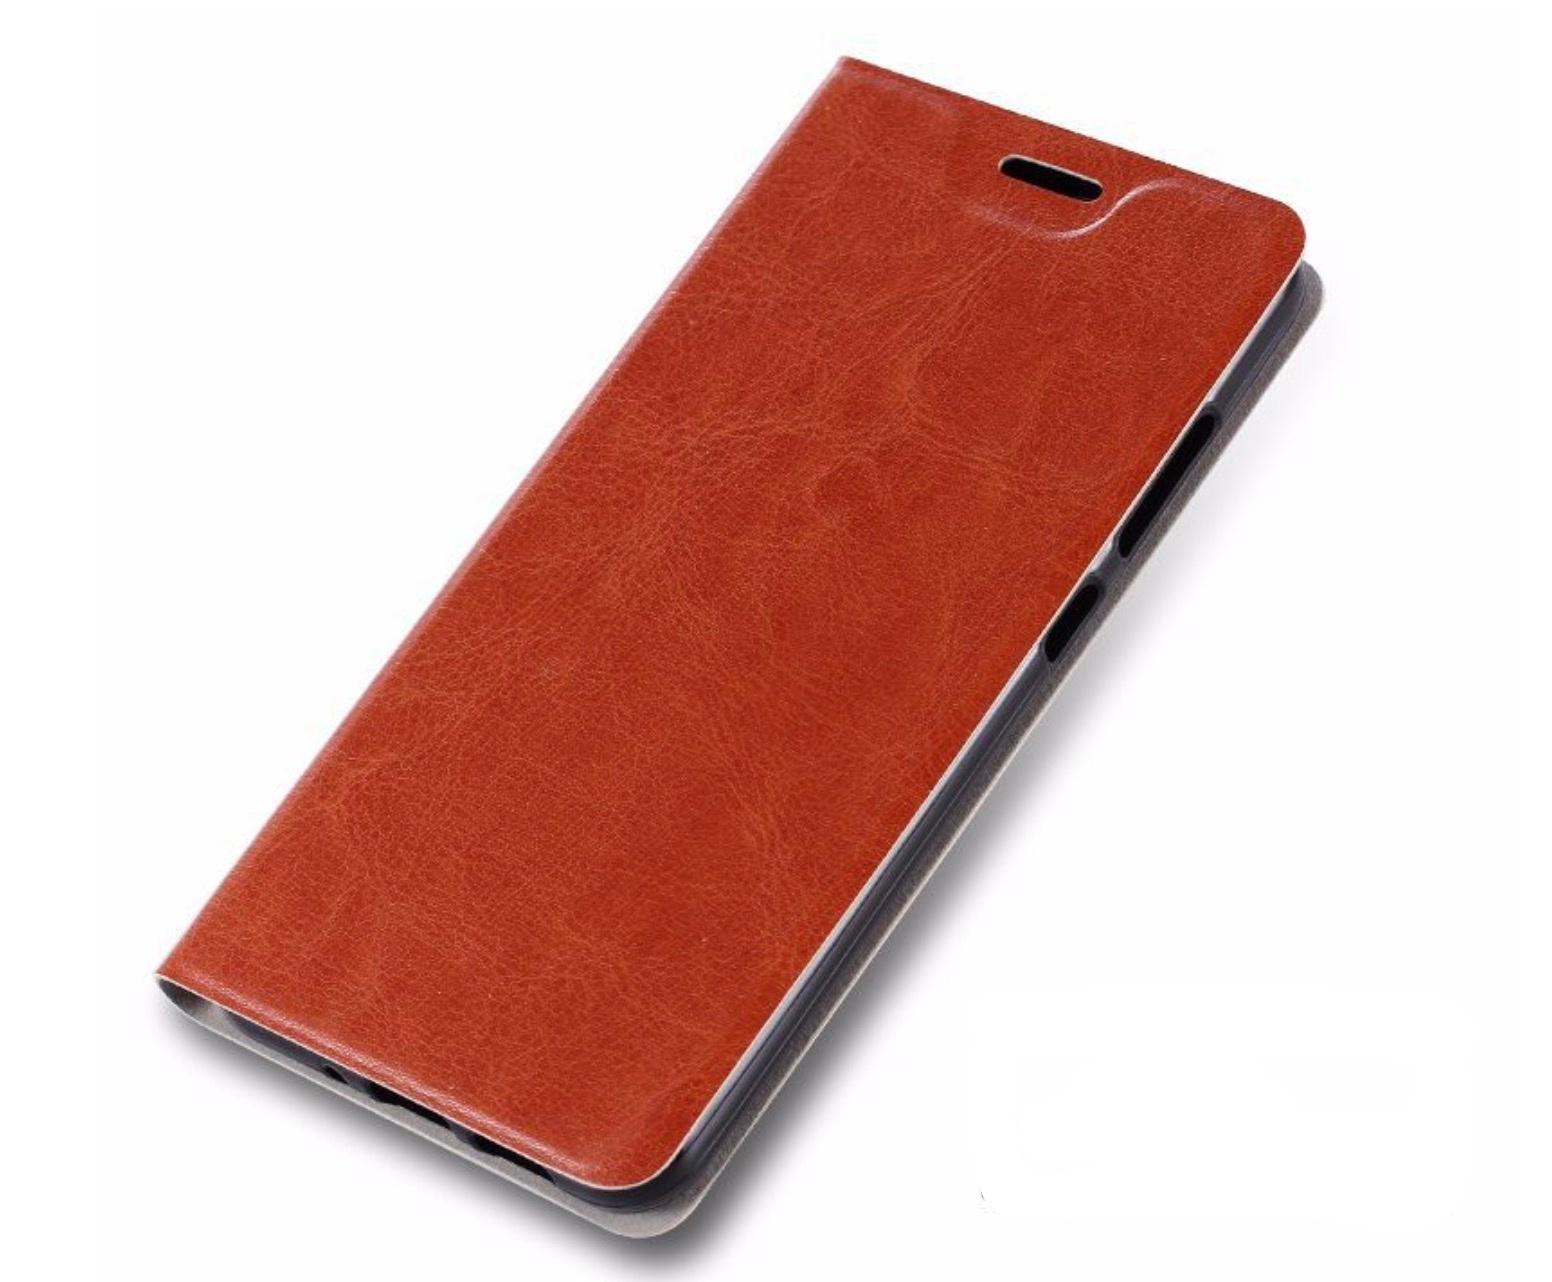 Чехол-книжка MyPads для ASUS ZenFone 3 Ultra ZU680KL на жёсткой металлической основе коричневый чехол книжка mypads для asus zenfone 4 selfie pro zd552kl на жёсткой металлической основе коричневый